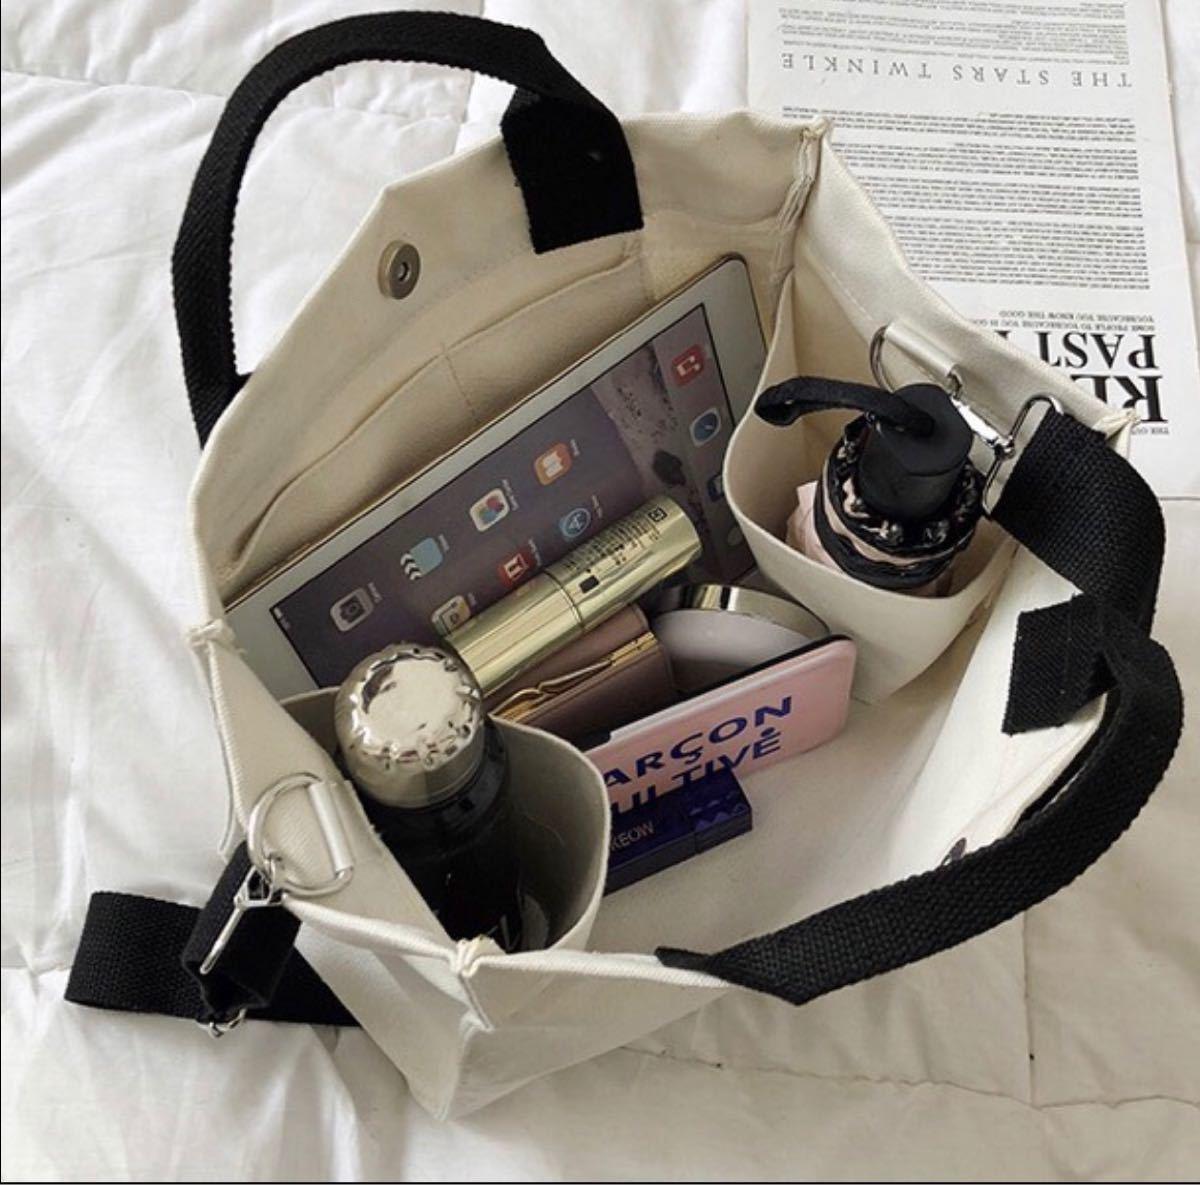 トートバッグ ショルダーバッグ モノトーン レディースバッグ ホワイト 韓国 男女兼用 かばん 肩掛け